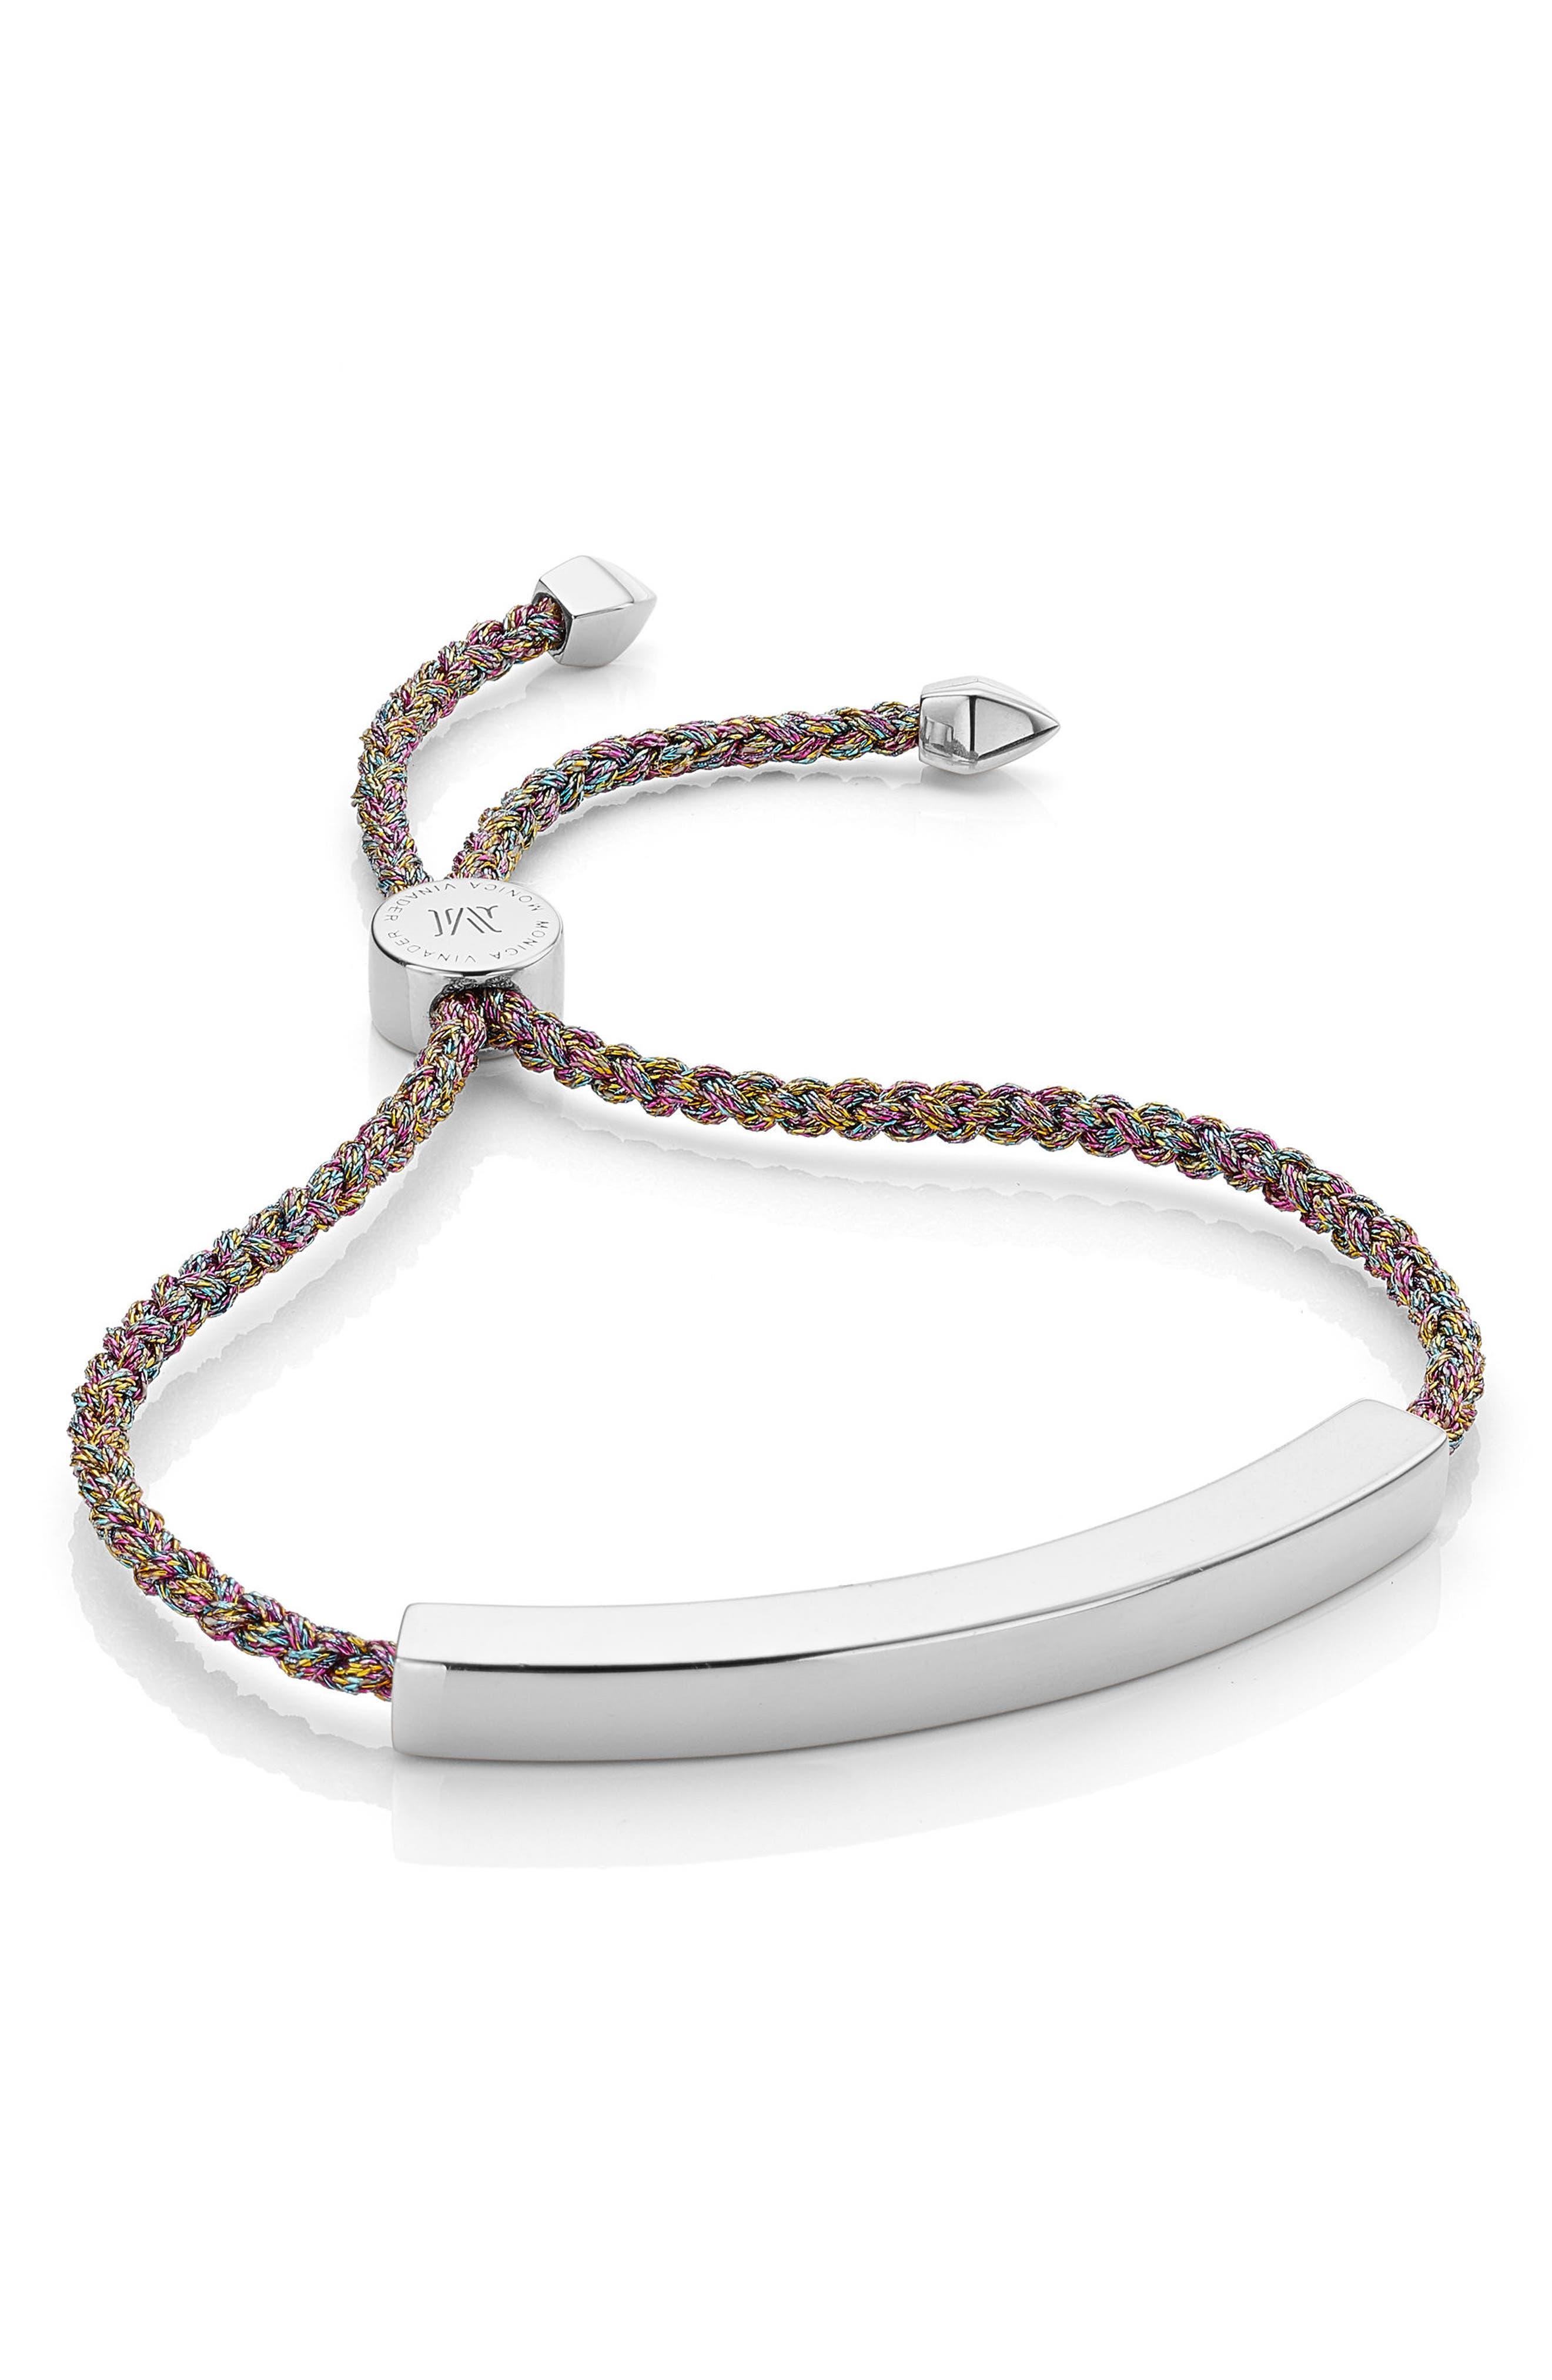 Engravable Large Linear Friendship Bracelet,                             Main thumbnail 1, color,                             999